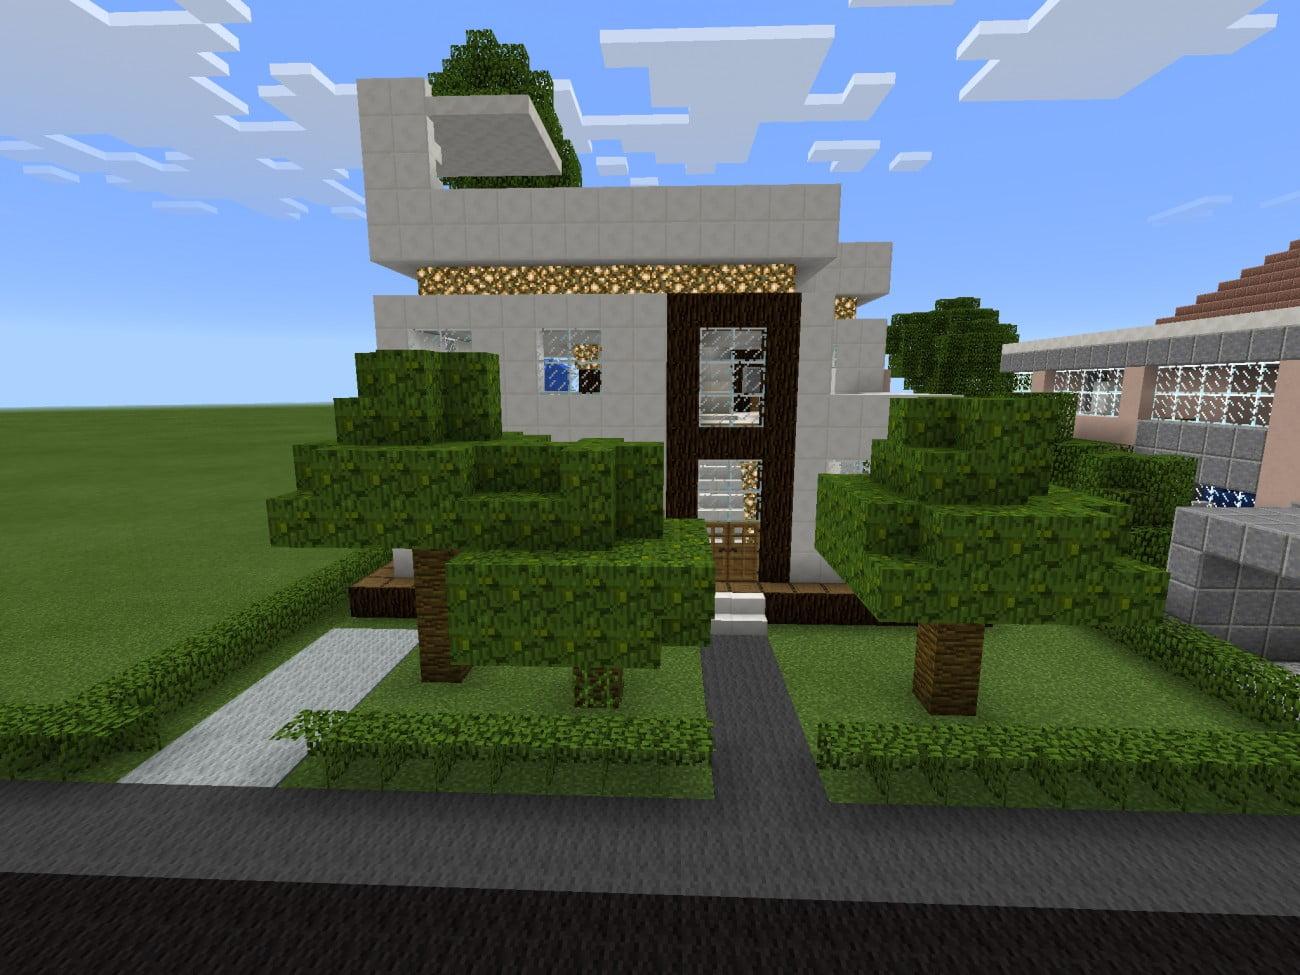 ᐅ Ein schickes modernes Haus in Minecraft bauen - minecraft-bauideen.de